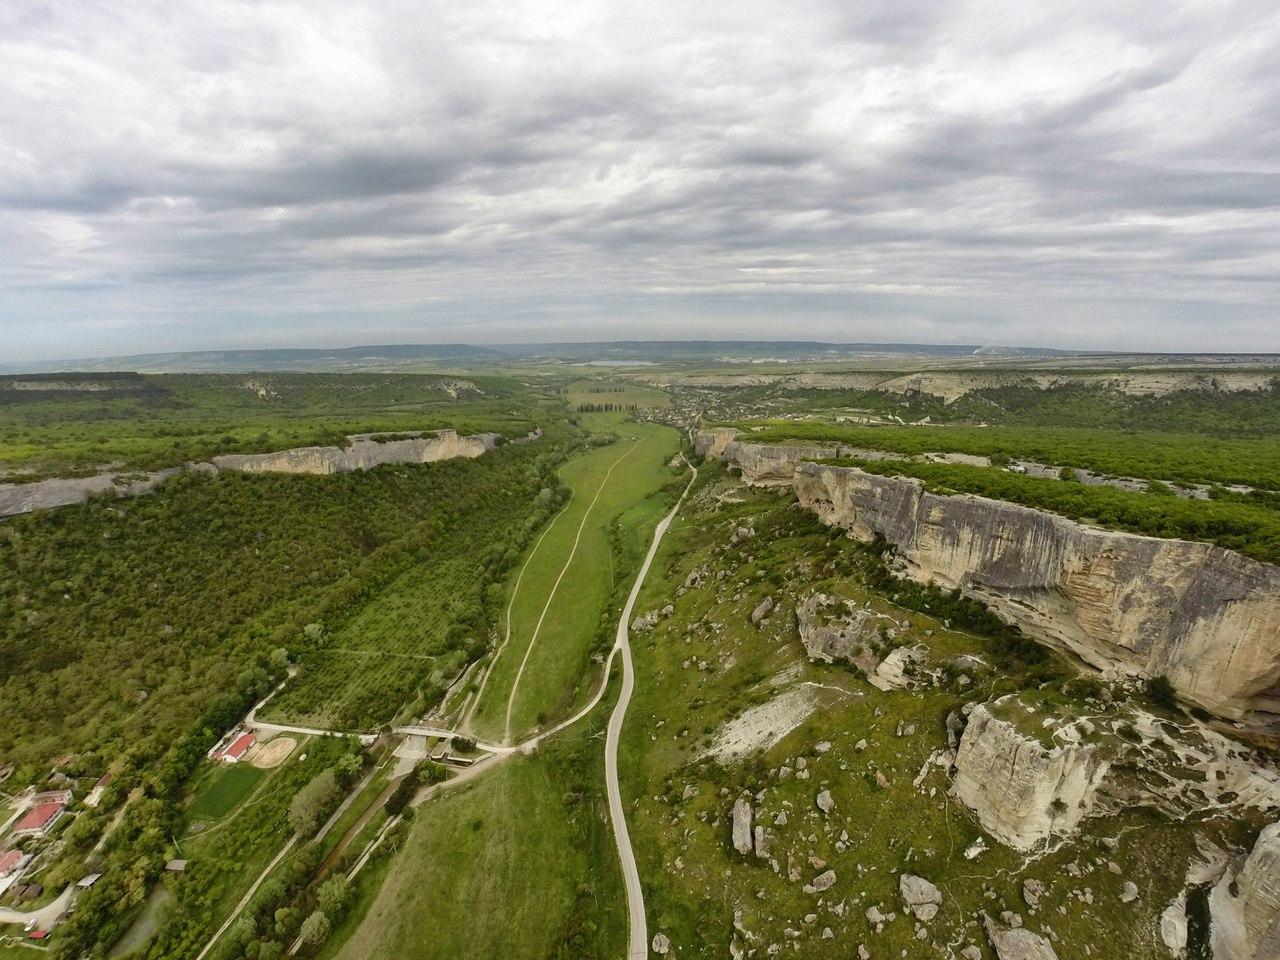 ROUHCyzRBs0 Вид сверху - 23 потрясающих кадра от измаильчанина